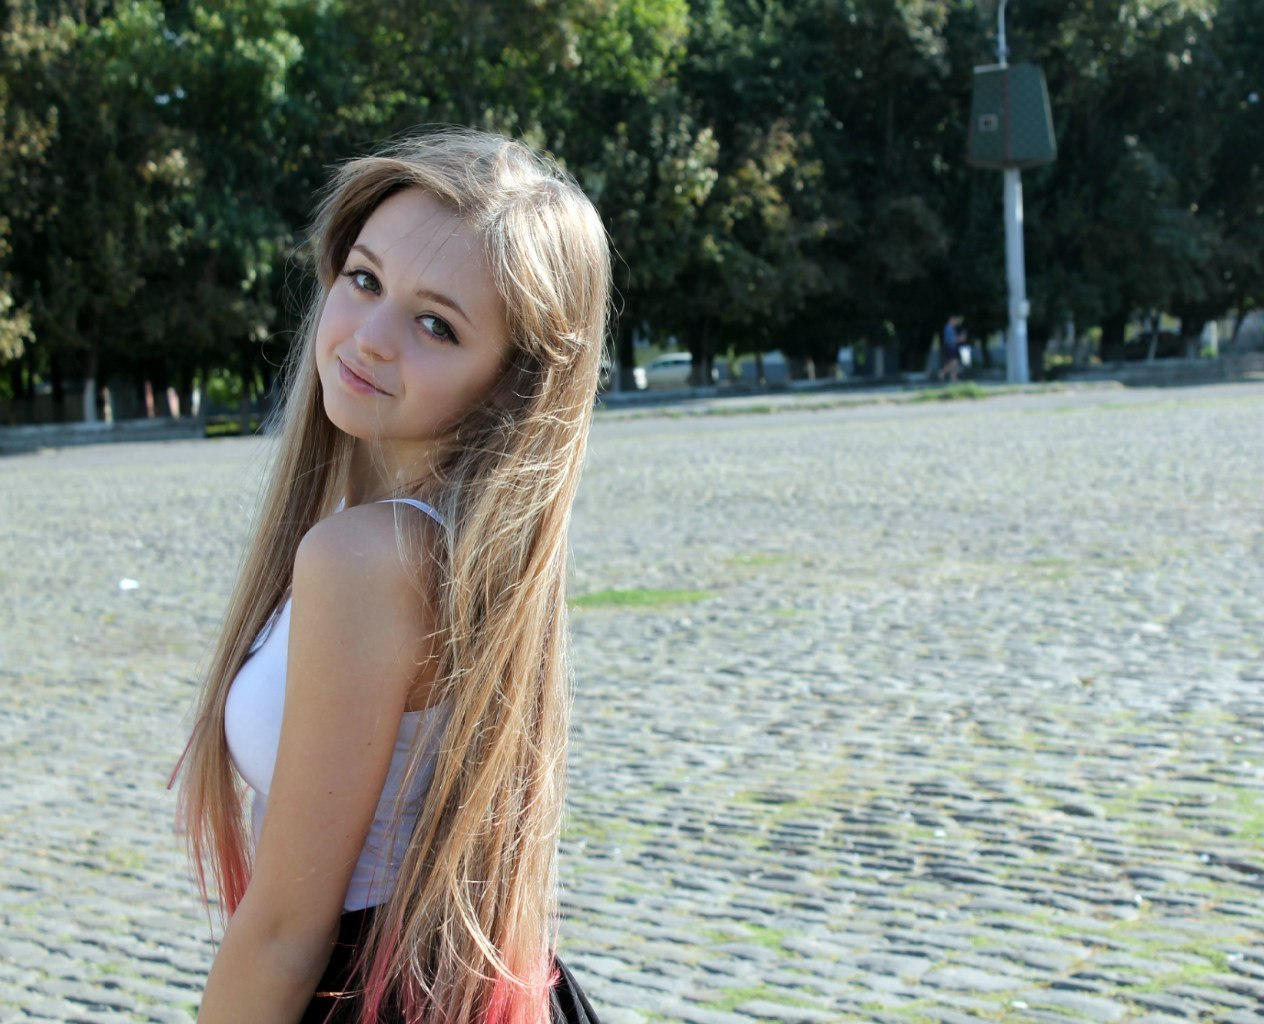 Фото в контакт девушек 13 фотография